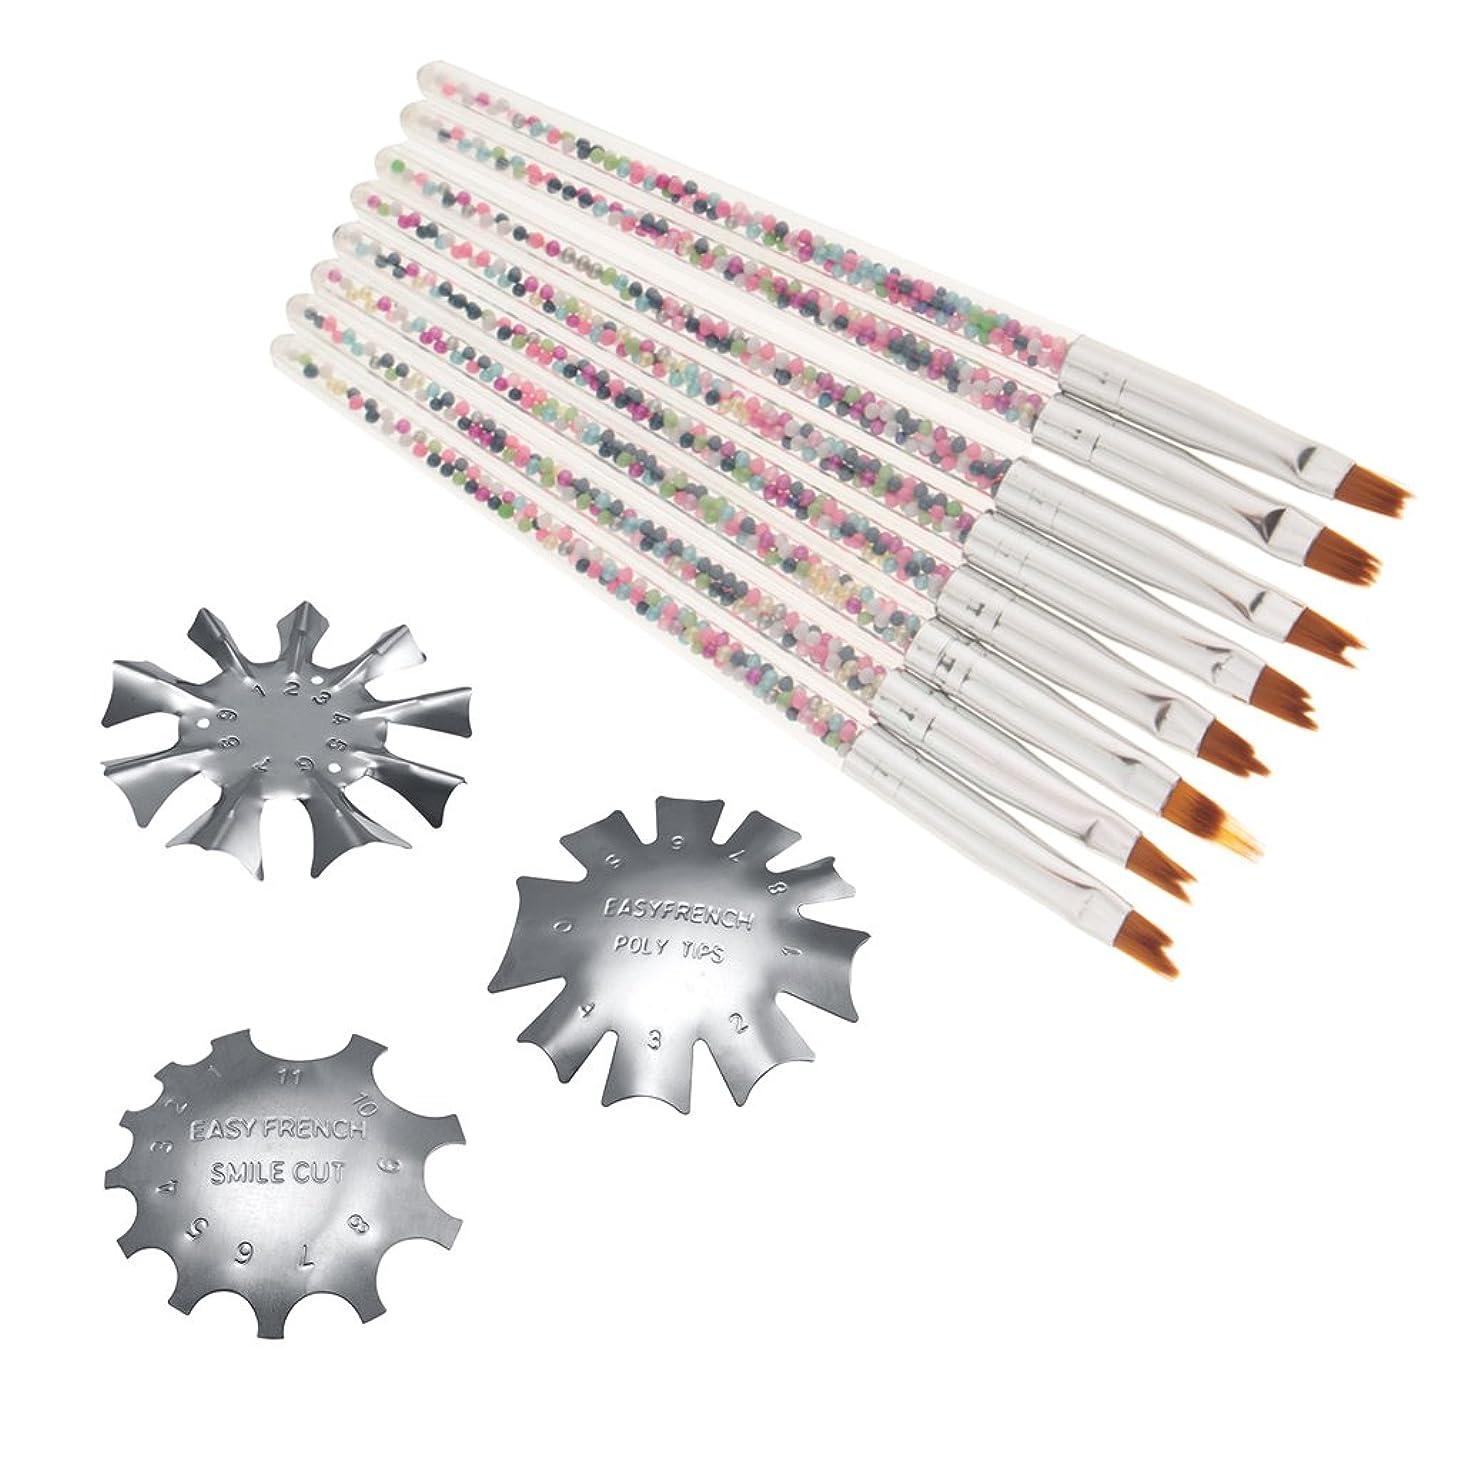 悪性コピーメトロポリタンKesoto 3サイズ フランスネイル ネイルガイド  8個 ネイルブラシ ネイルアート ブラシ カットラインガイドテンプレート ネイルサロン 個人用